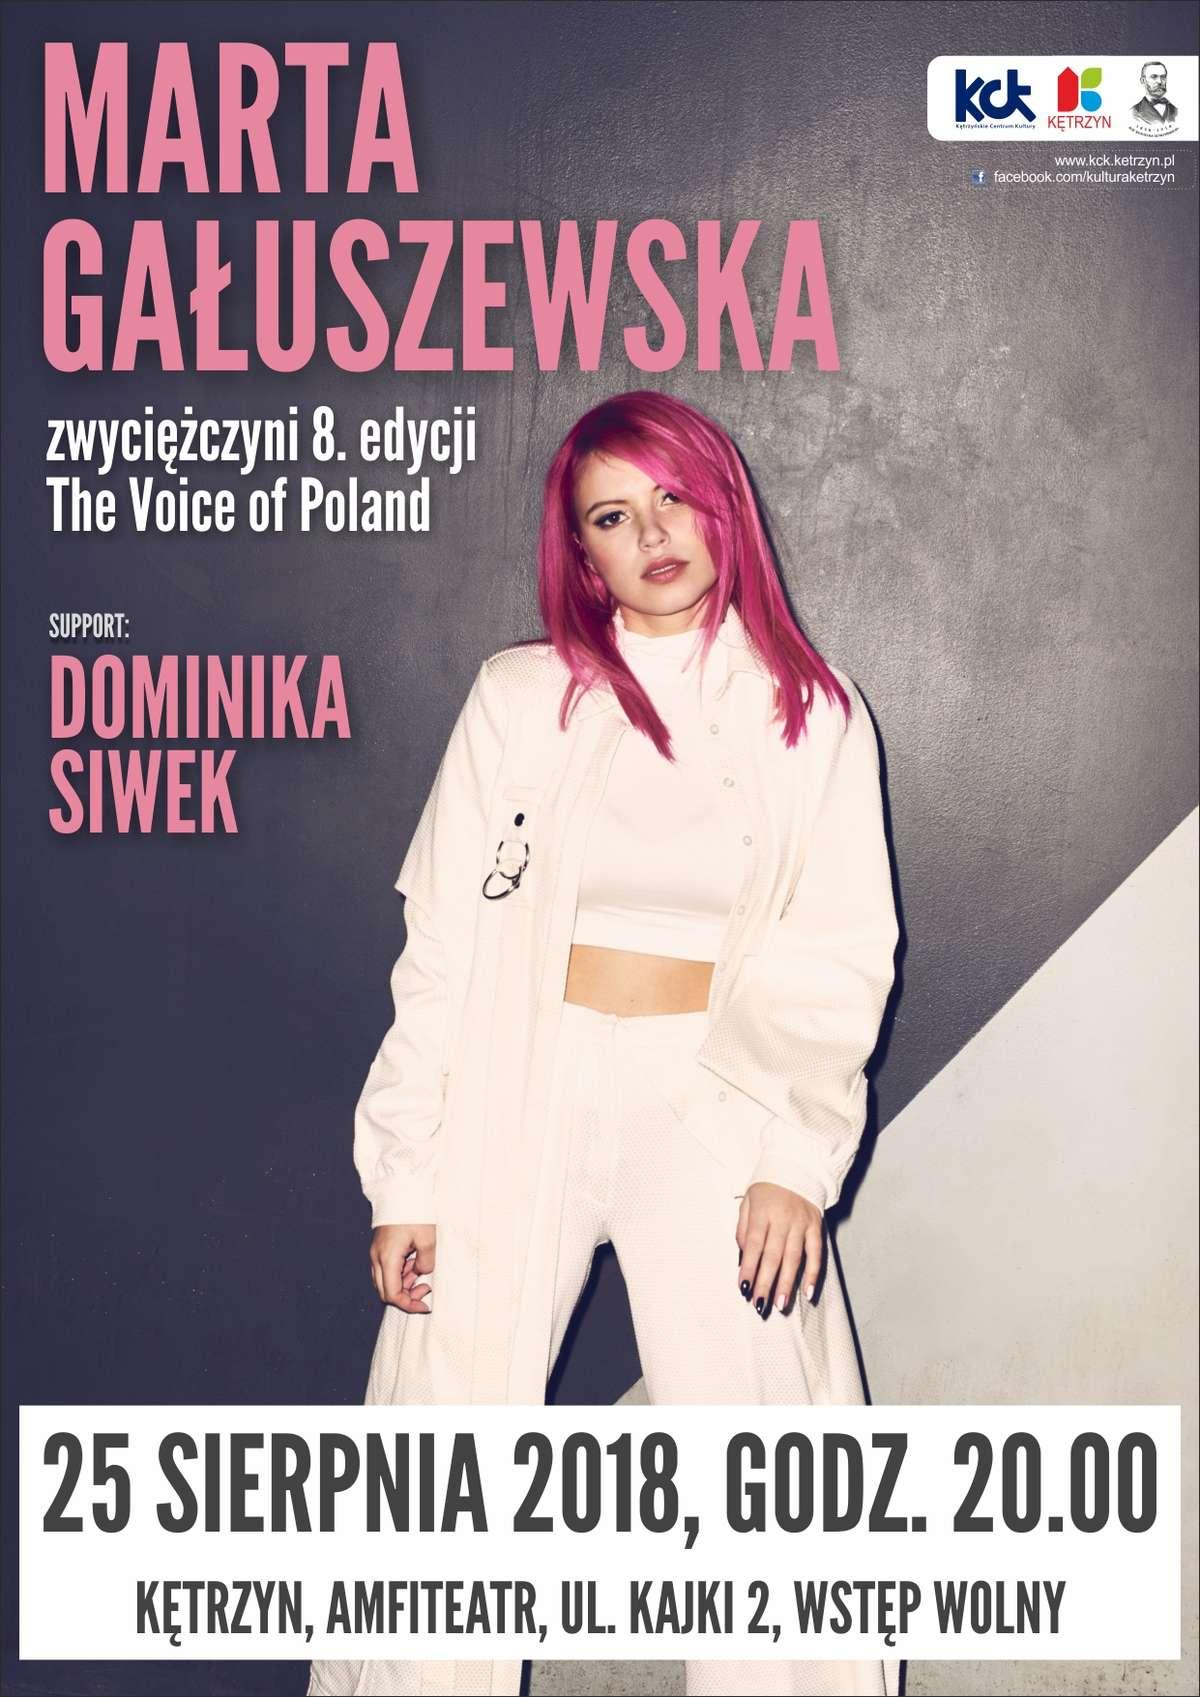 Marta Gałuszewska, zwyciężczyni 8. edycji The Voice of Poland, wystąpi w kętrzyńskim Amfiteatrze. - full image